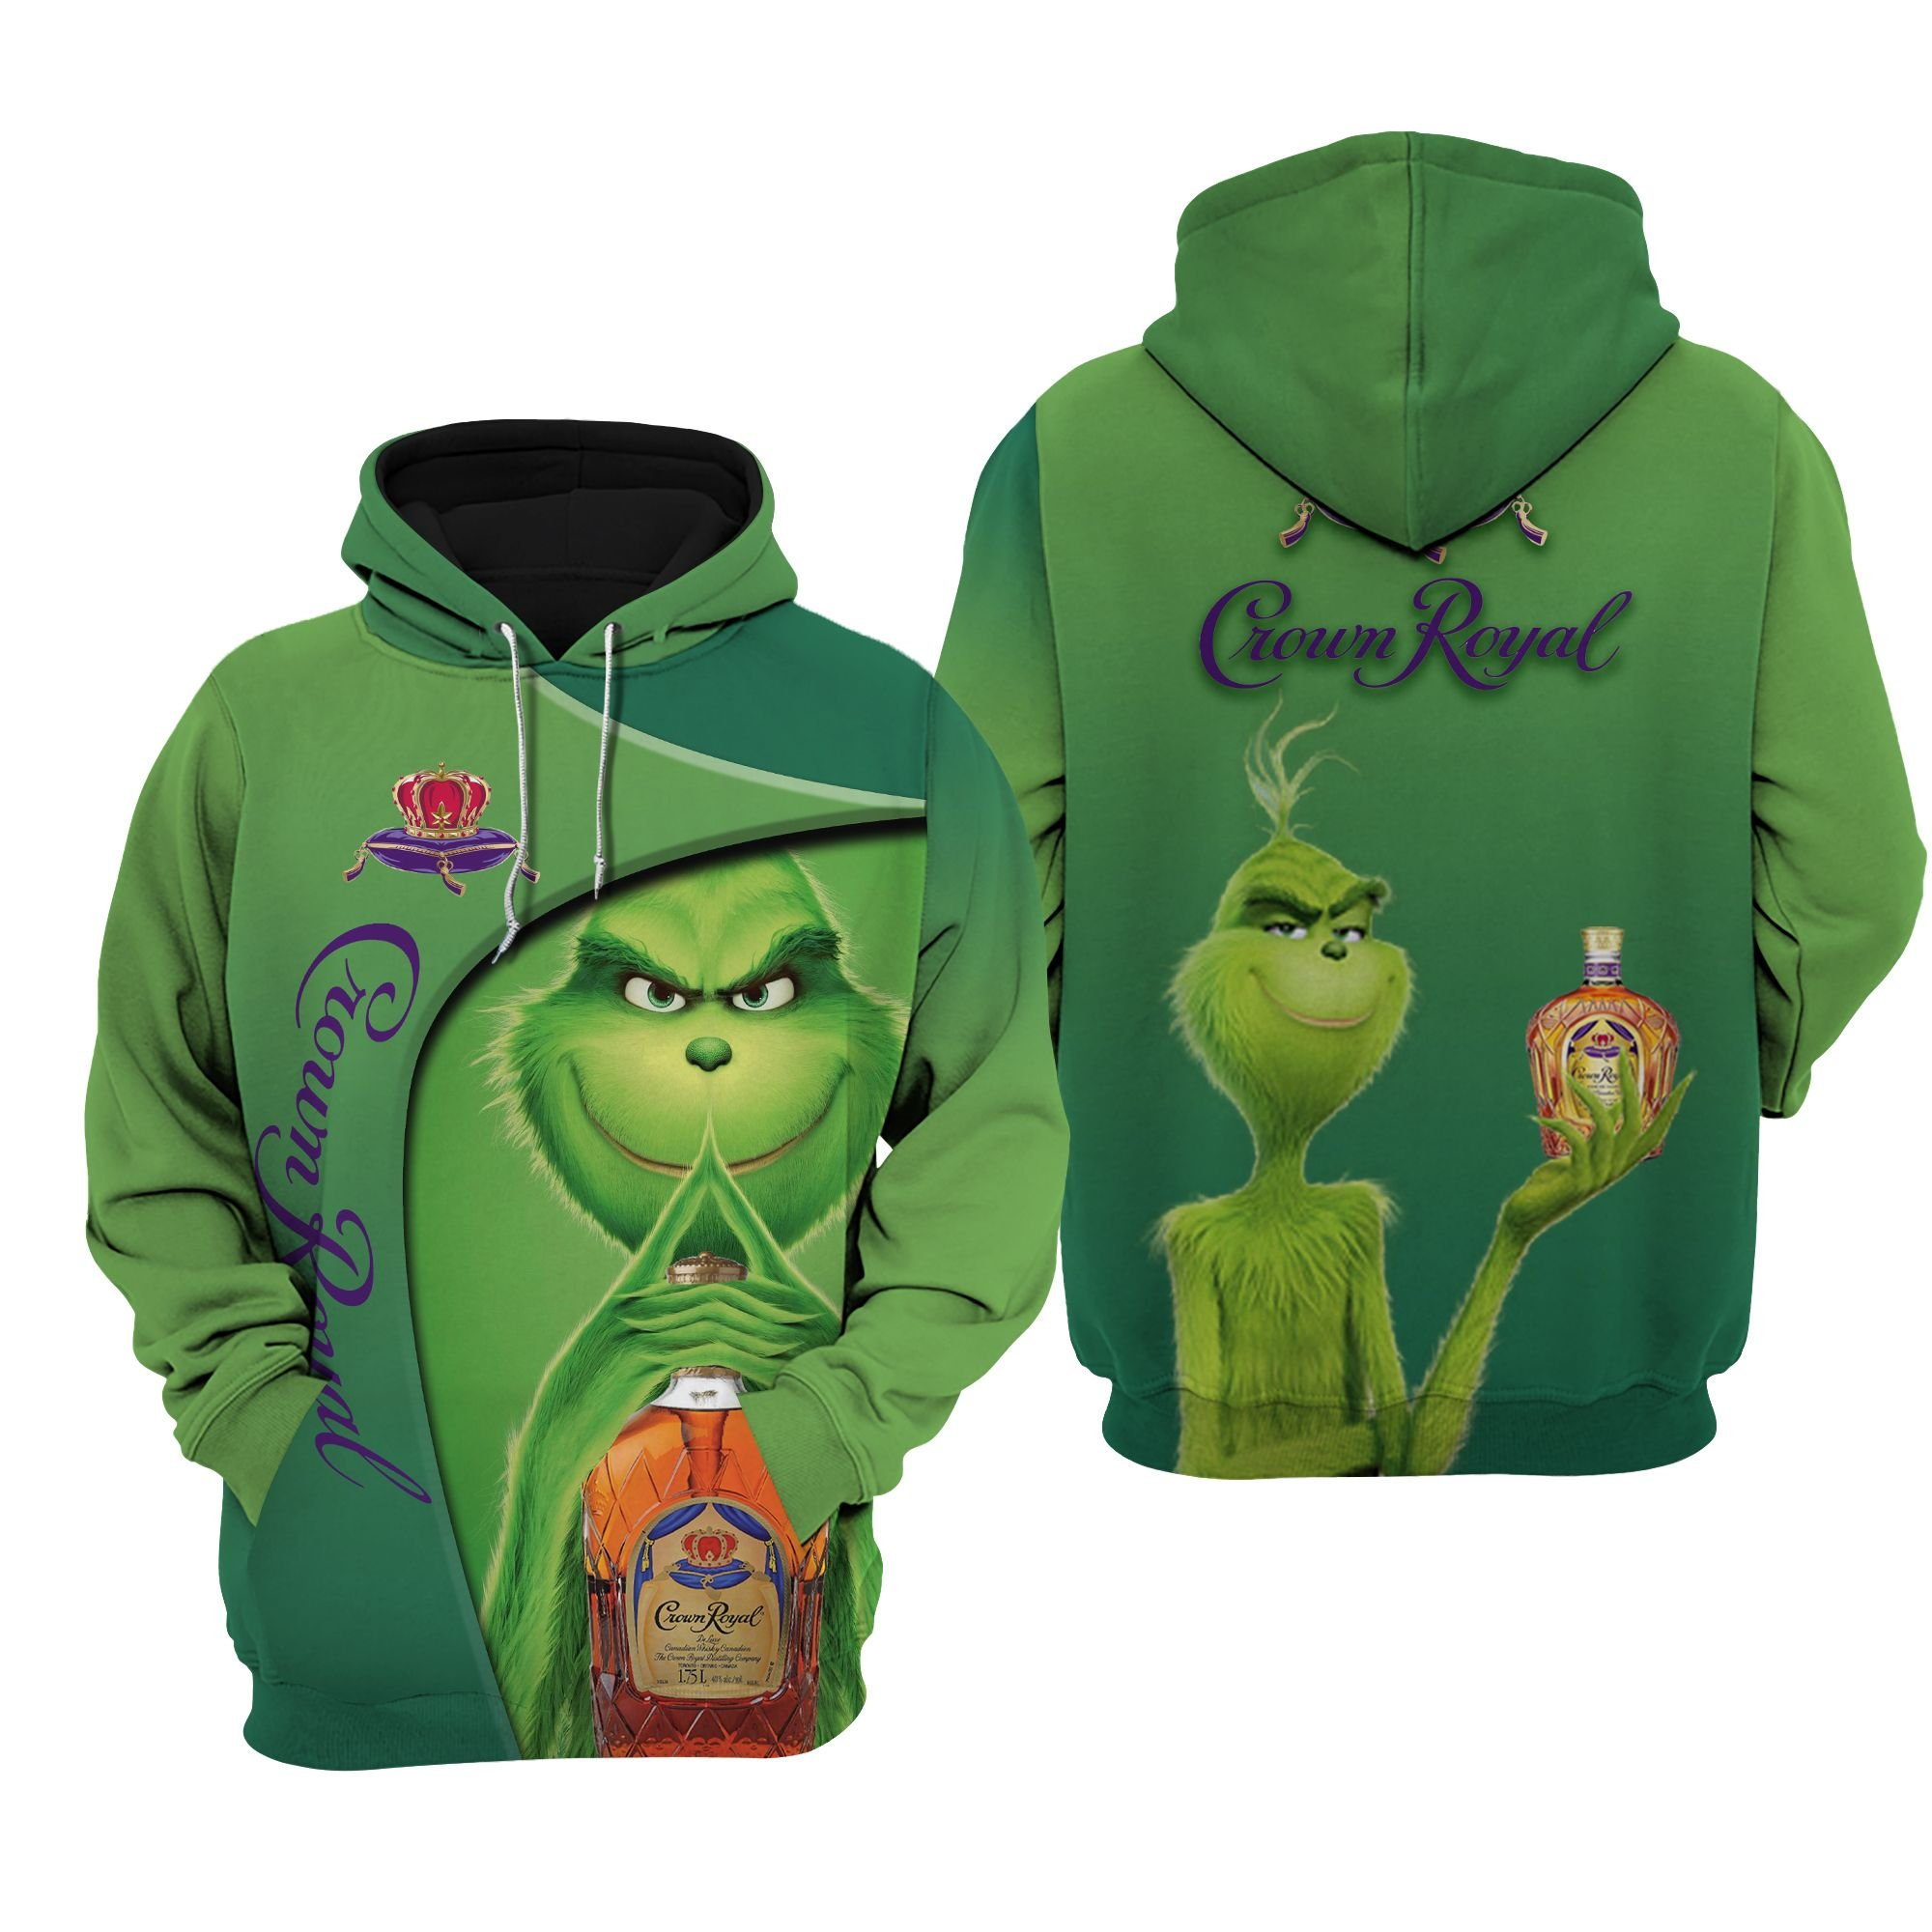 Grinch Crown Royal All Over Printed 3D Hoodie